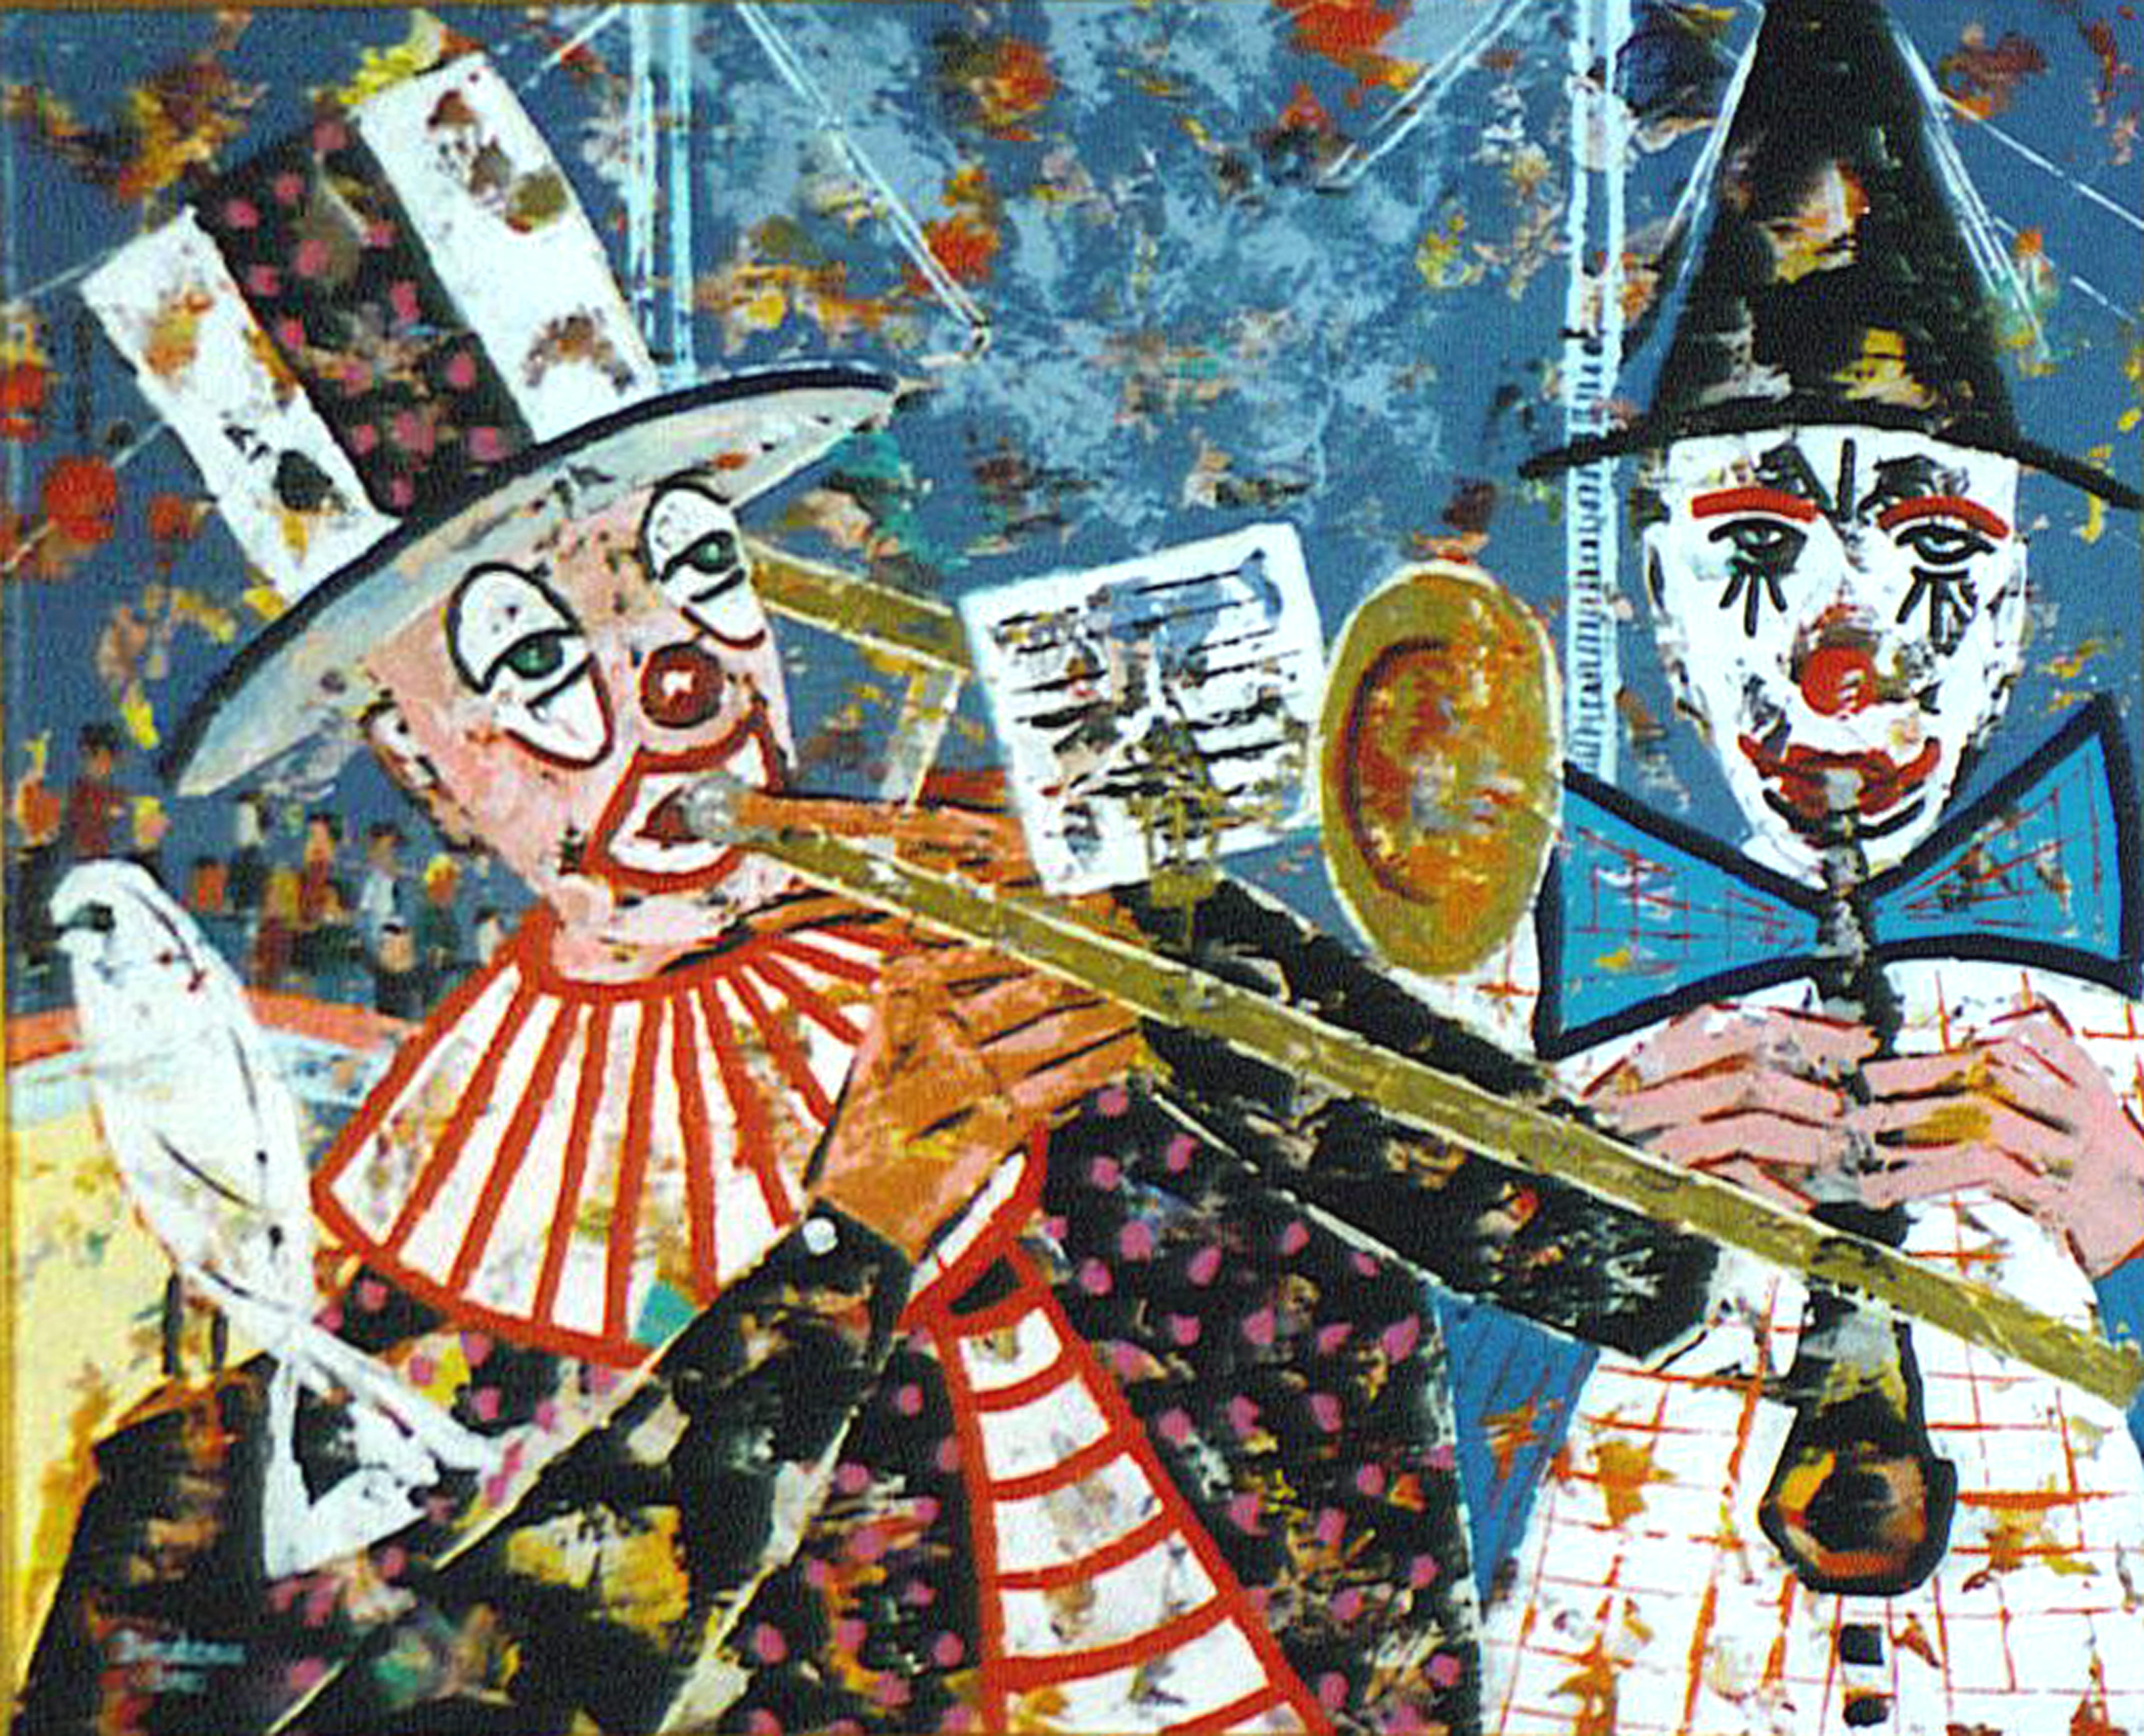 Les vieux clowns musiciens